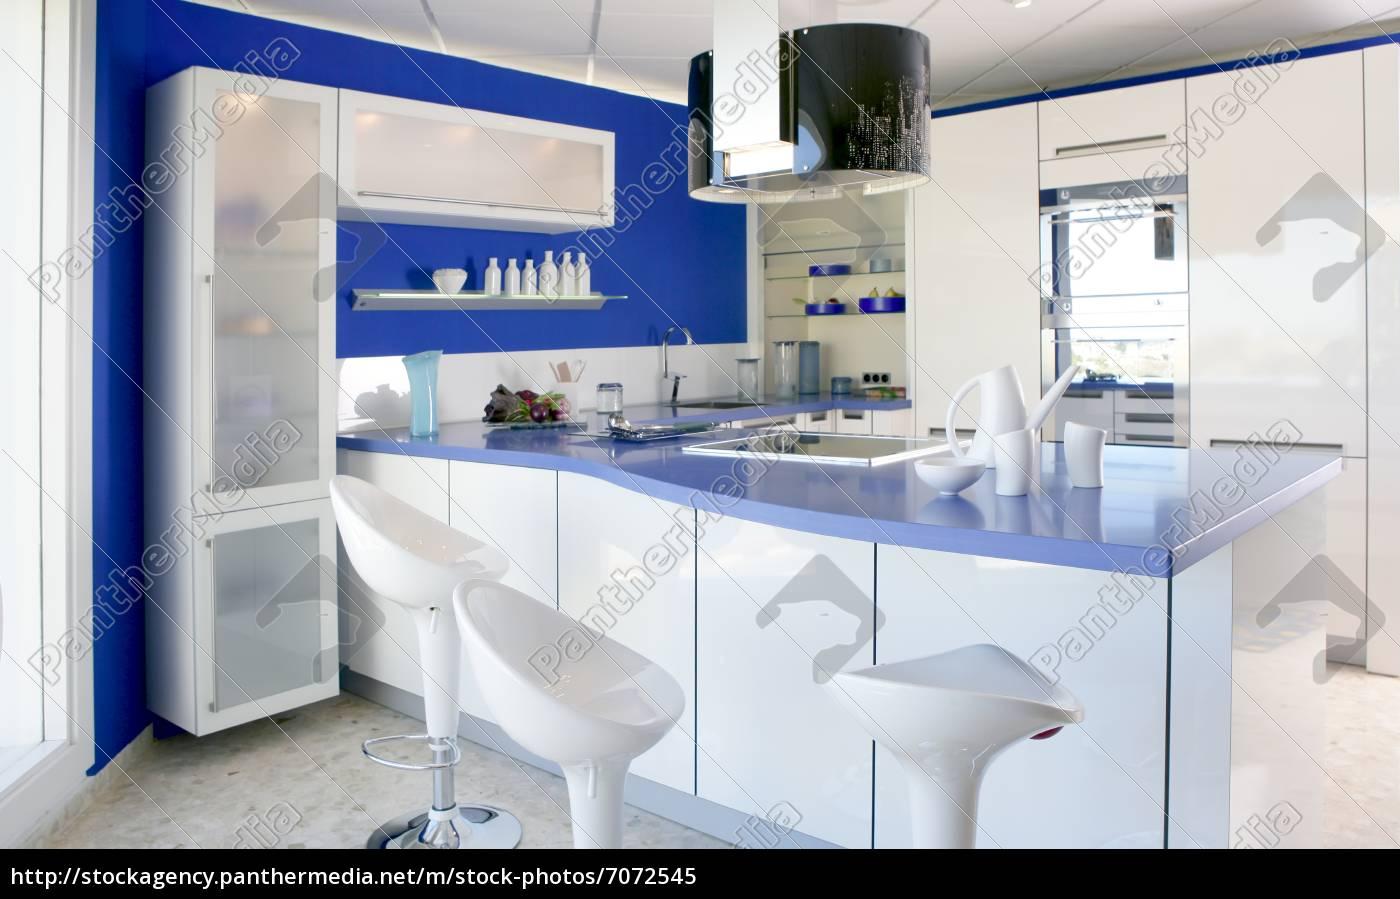 Stockfoto 7072545   Blaue Weiße Küche Moderne Innenarchitektur Haus